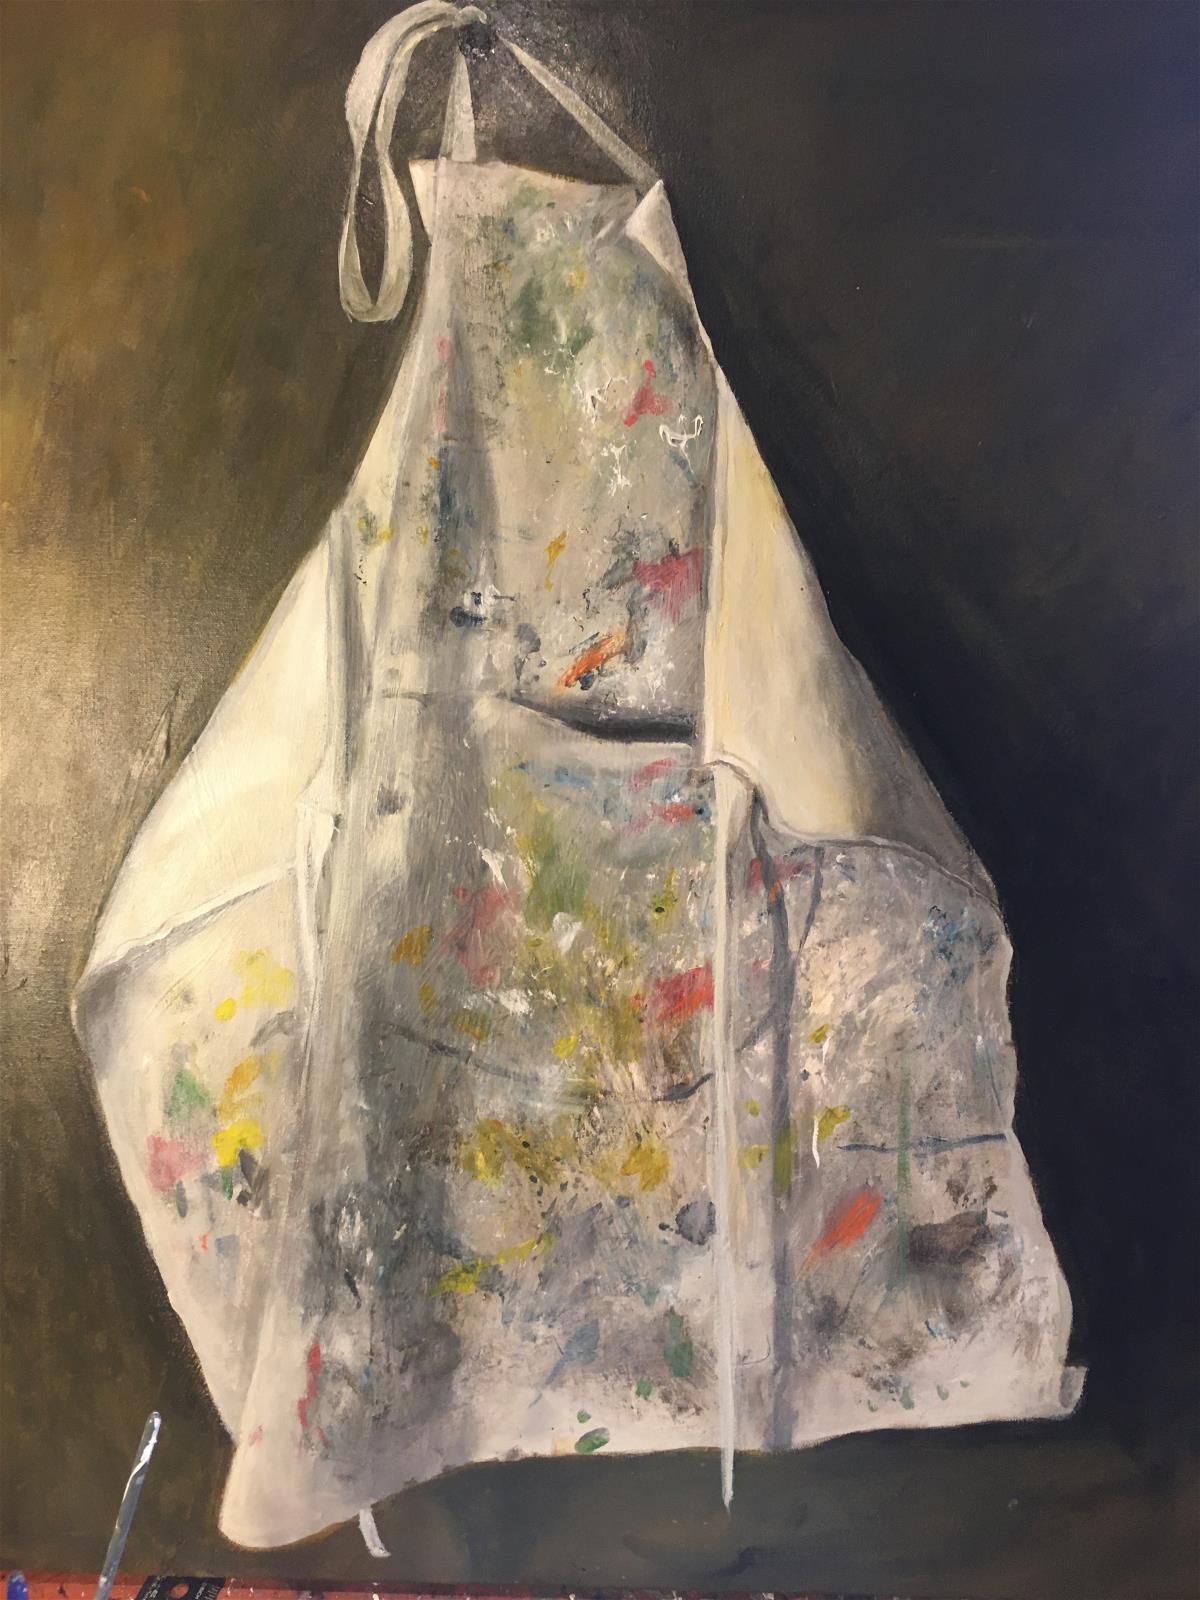 Terry's apron